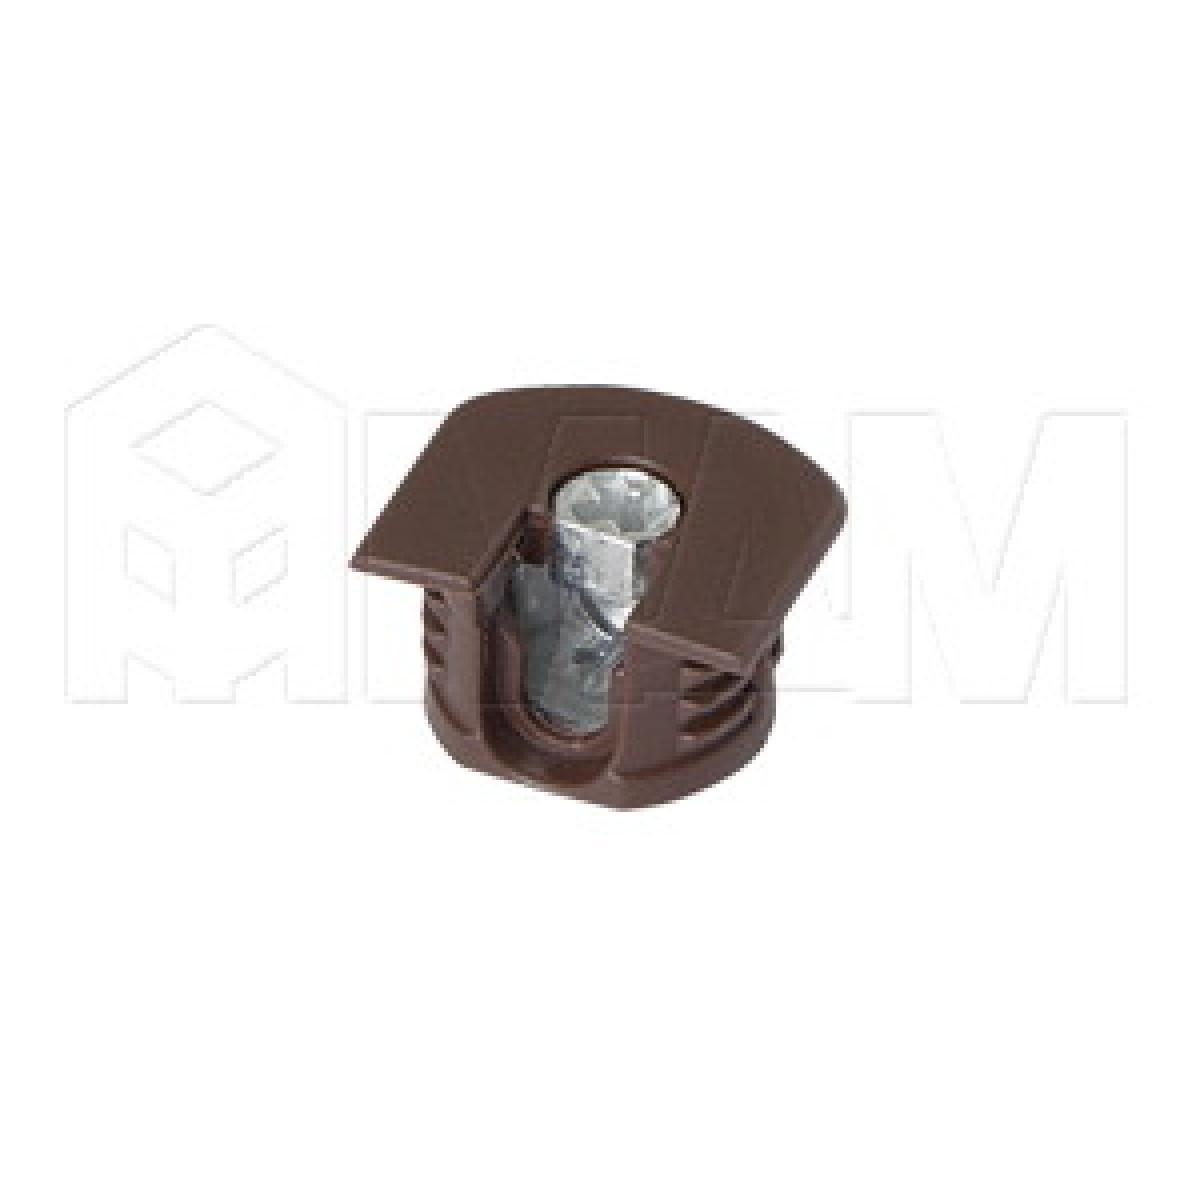 Эксцентрик усиленный в пластиковом корпусе 16 мм с бортиком, коричневый